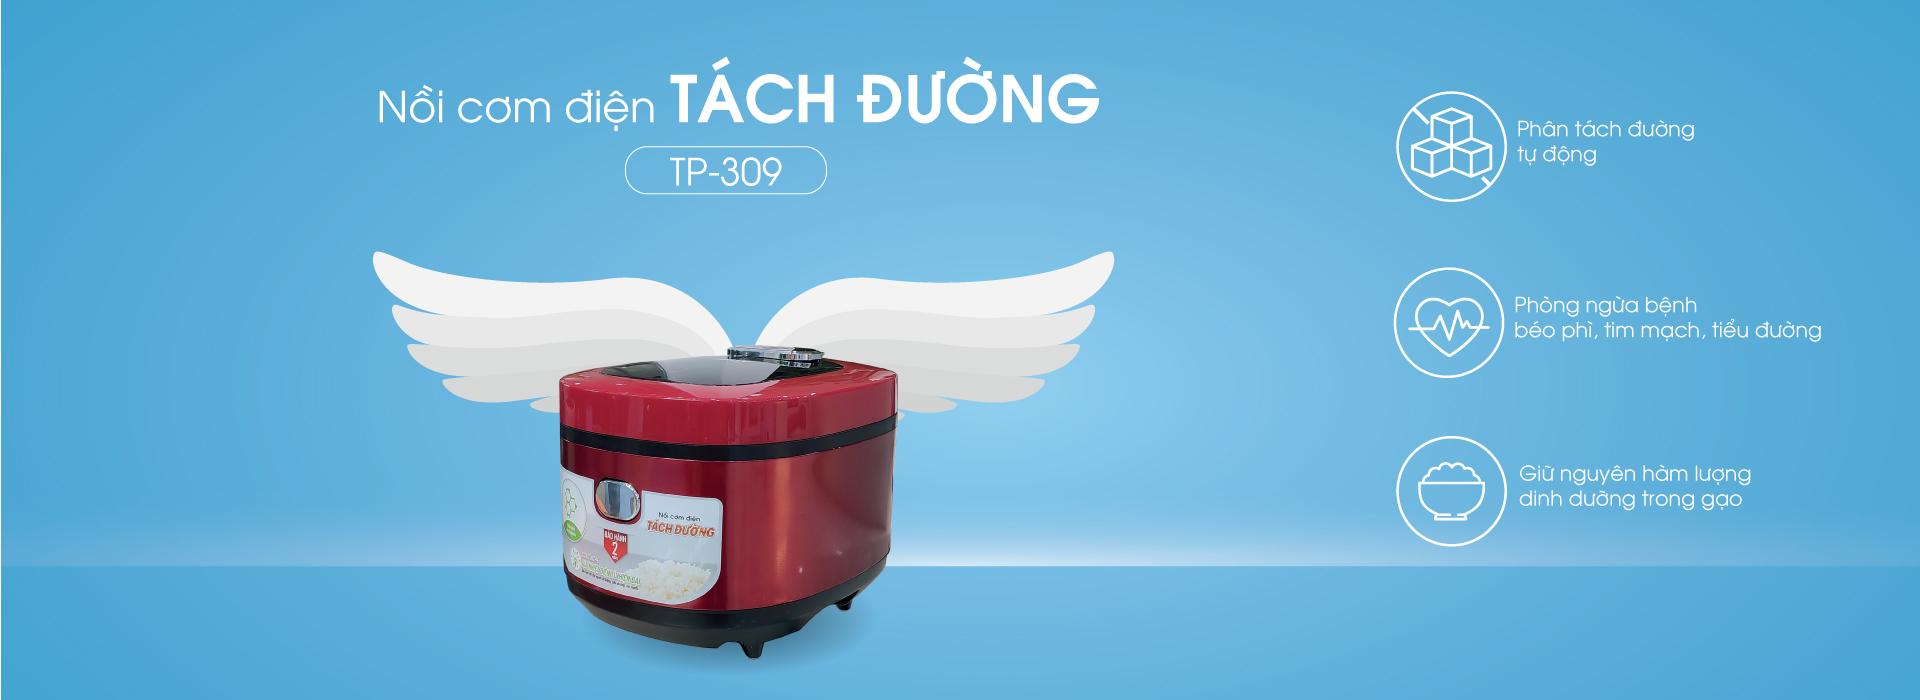 noi-com-tach-duong-yakyo-tp-309